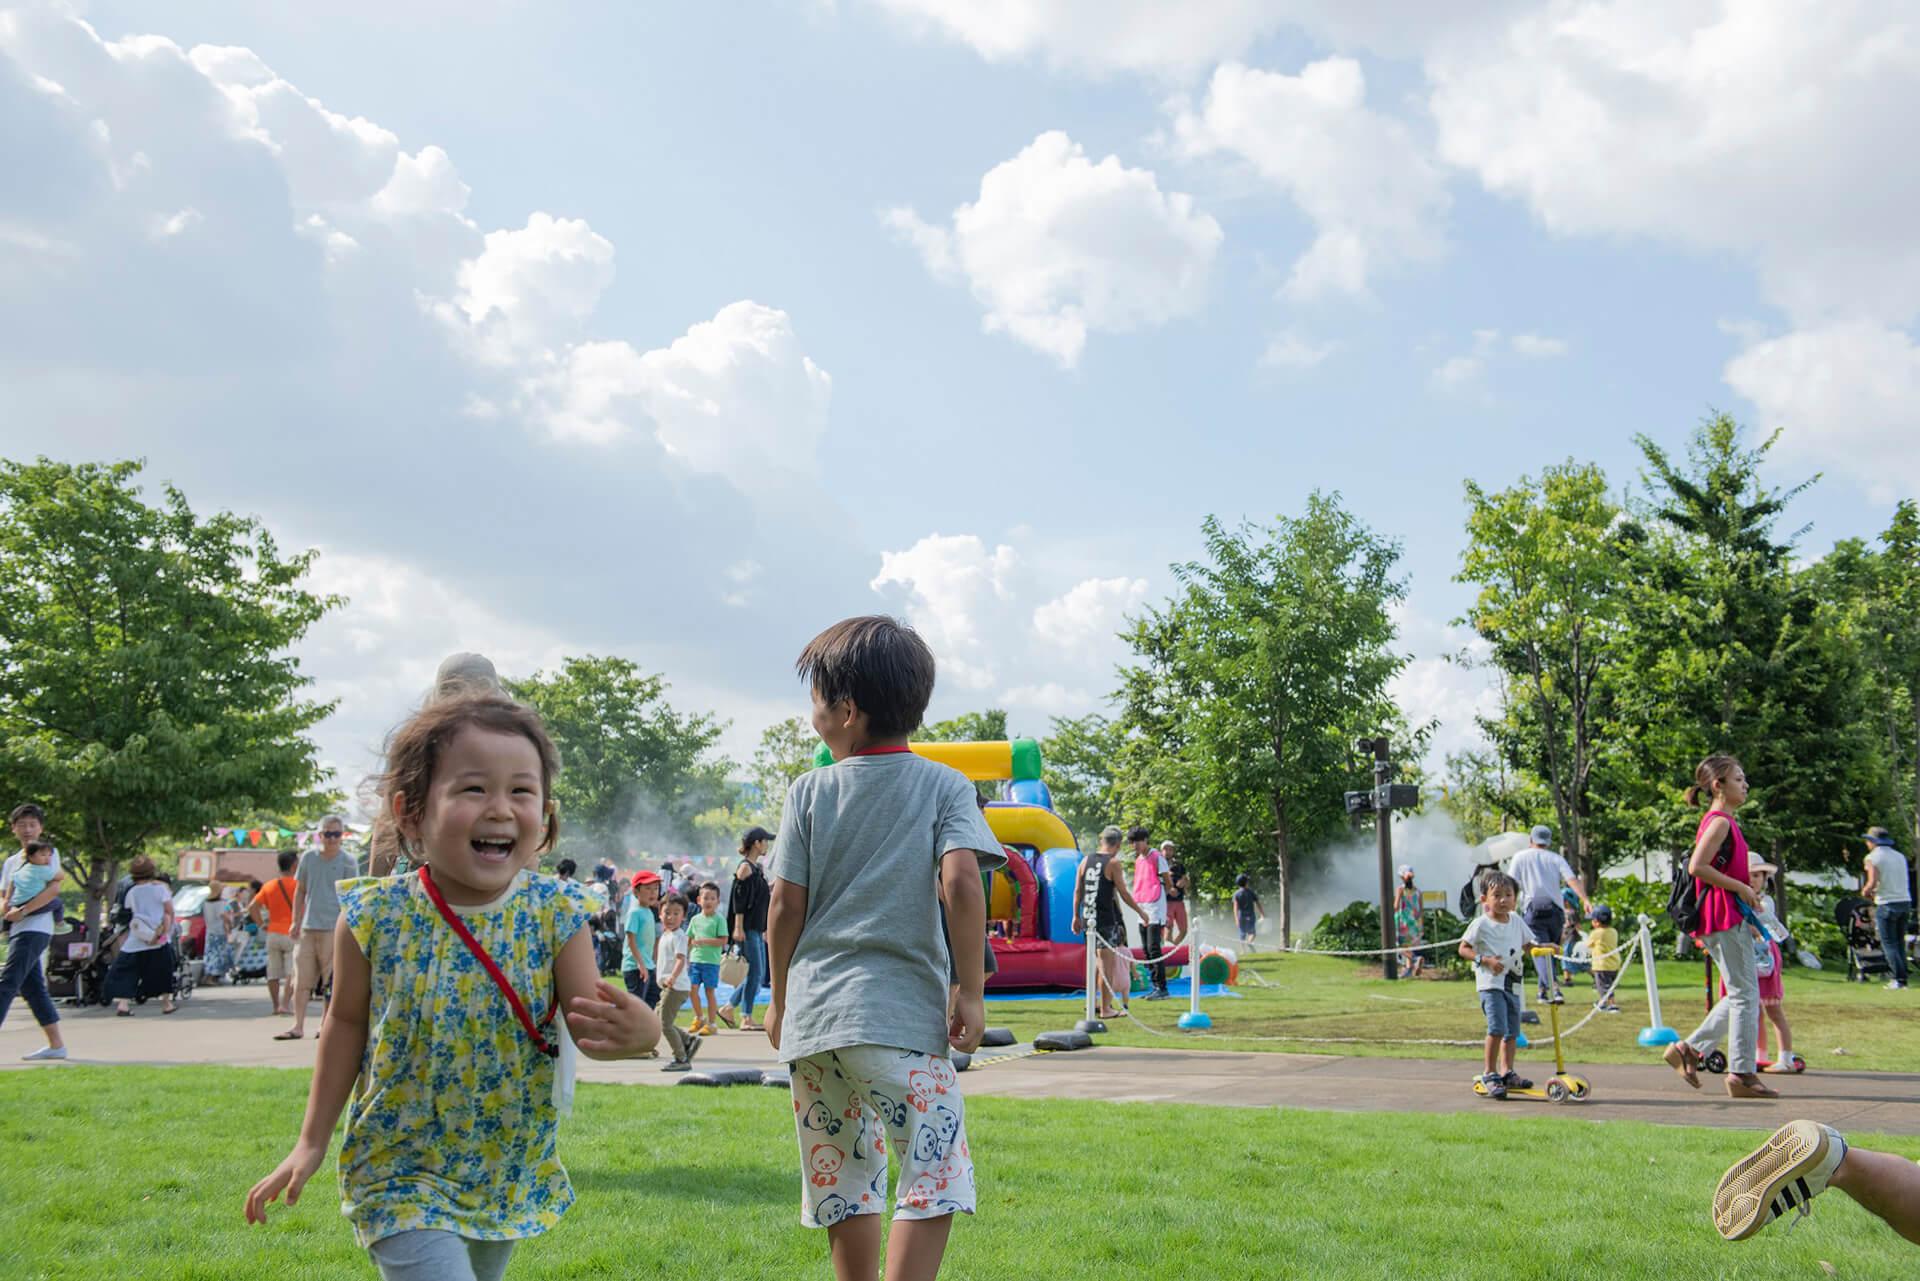 この写真は、品川アドベンチャーテラスのわんぱくゾーンの様子。子供はしゃいでます